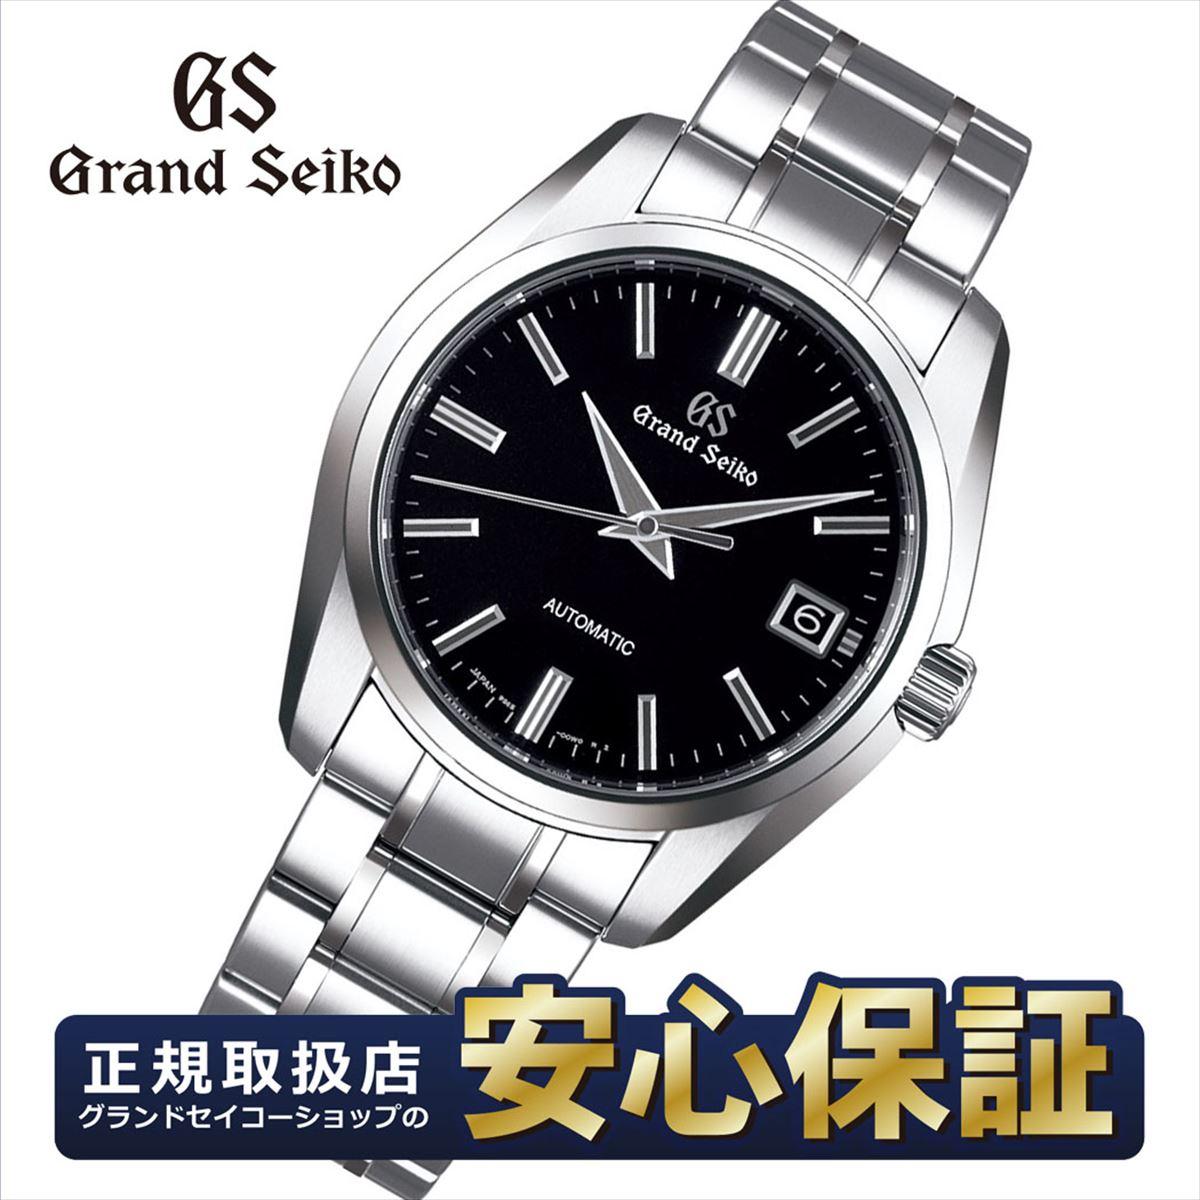 腕時計, メンズ腕時計 10OFF2195930GSSEIKO SBGR317 40mm 3days GRAND SEIKO 0219NLGS10spl